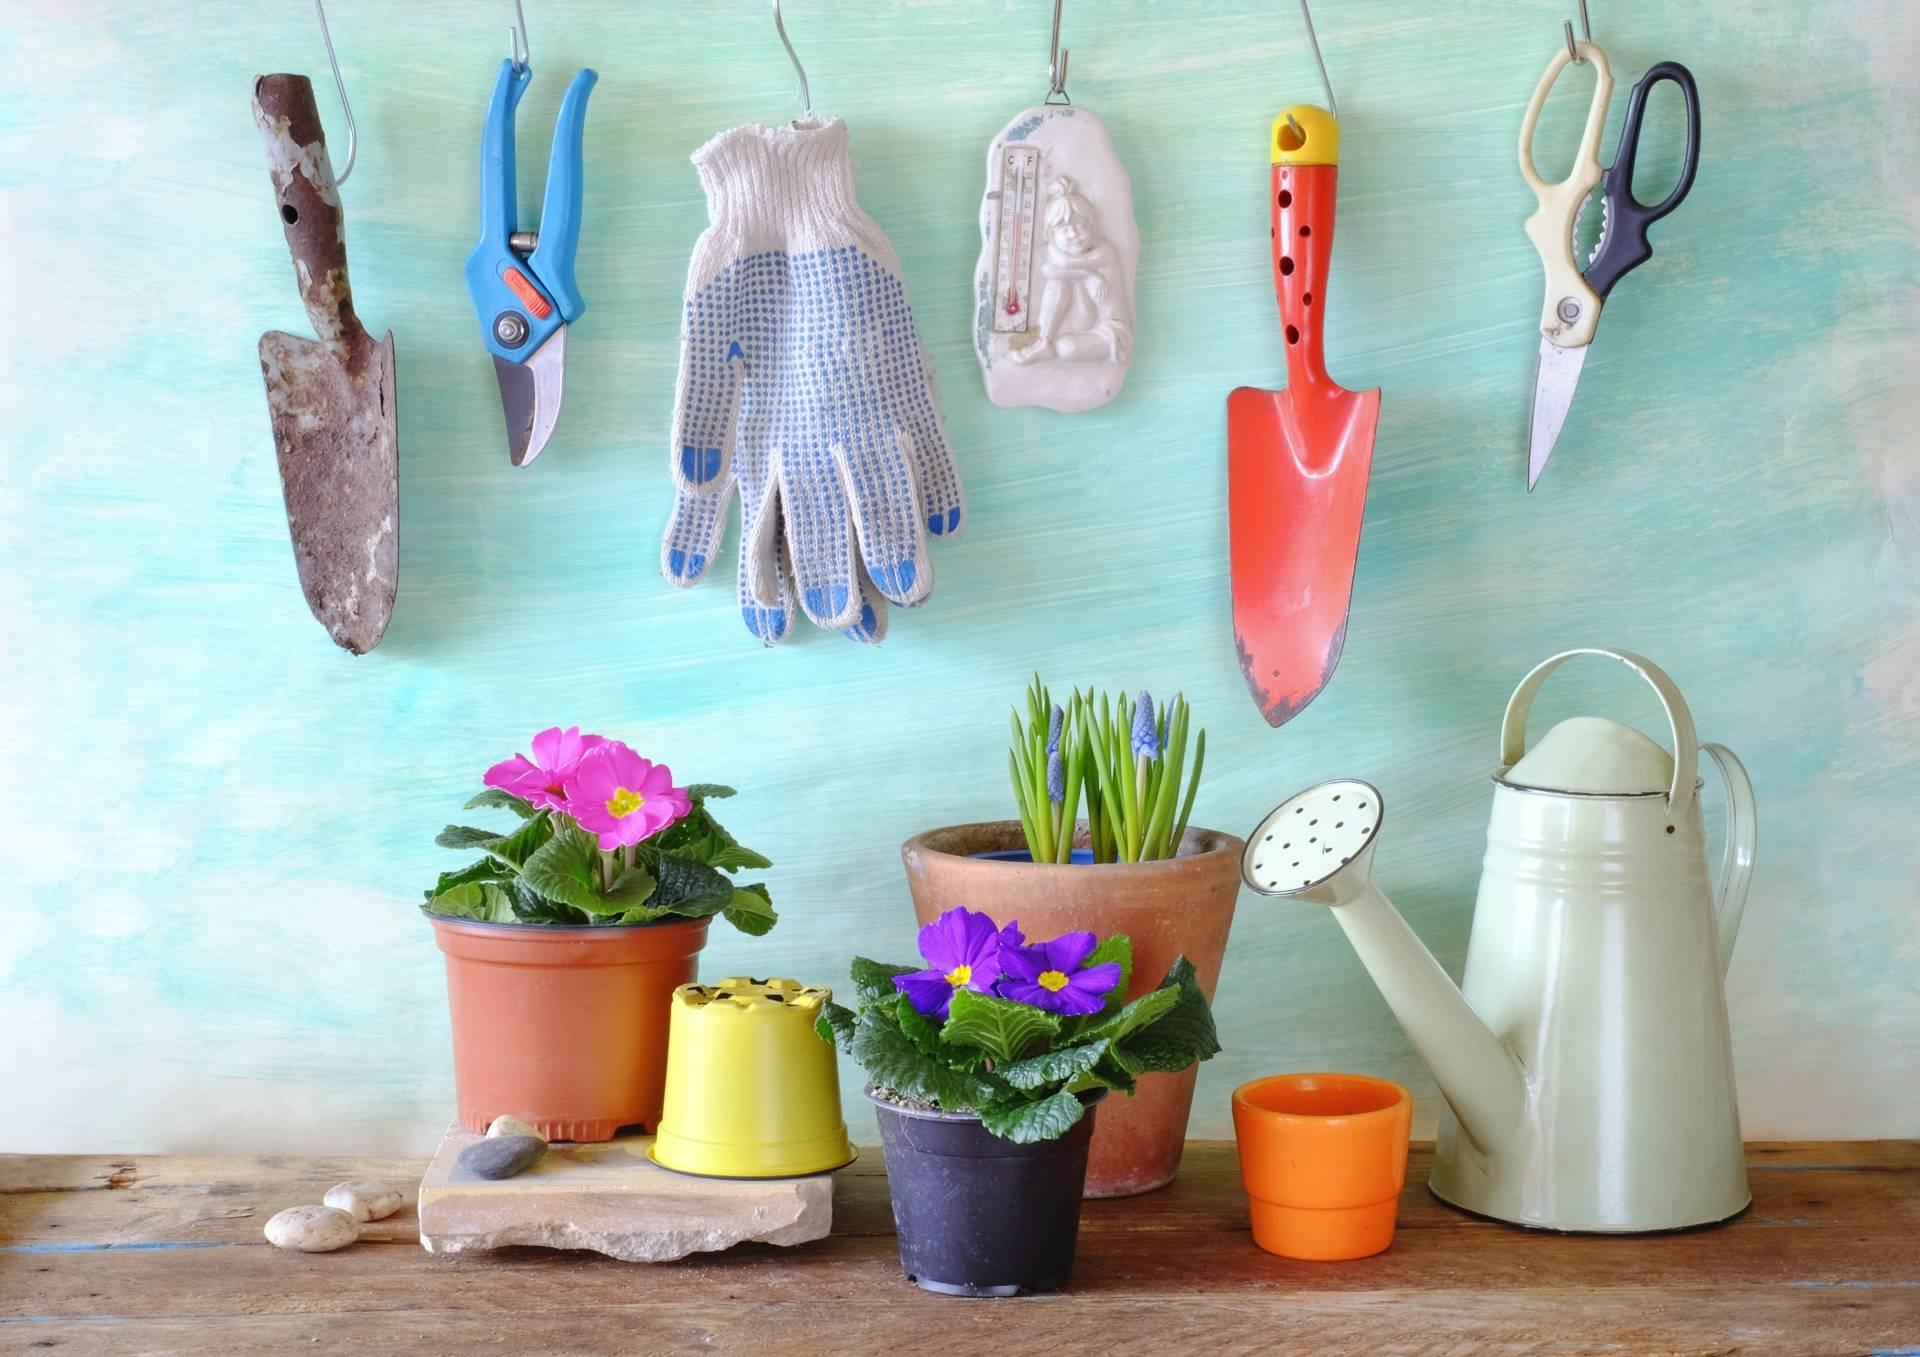 Warzywniak na balkonie - jak uprawiać warzywa?